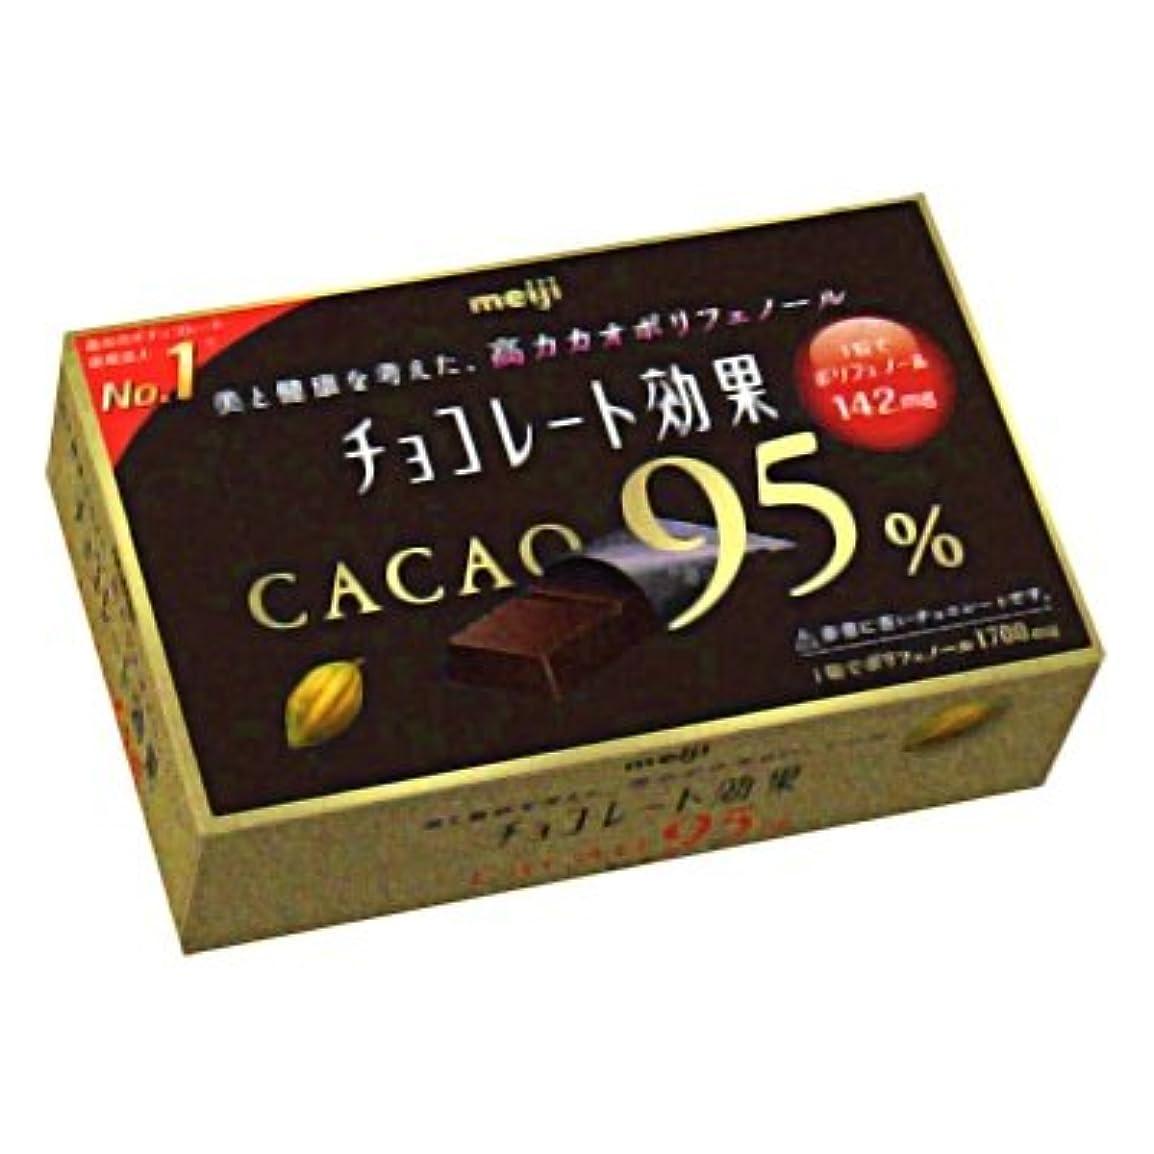 信頼できる急速な十分に明治 チョコレート効果カカオ95%BOX 60g 60コ入り